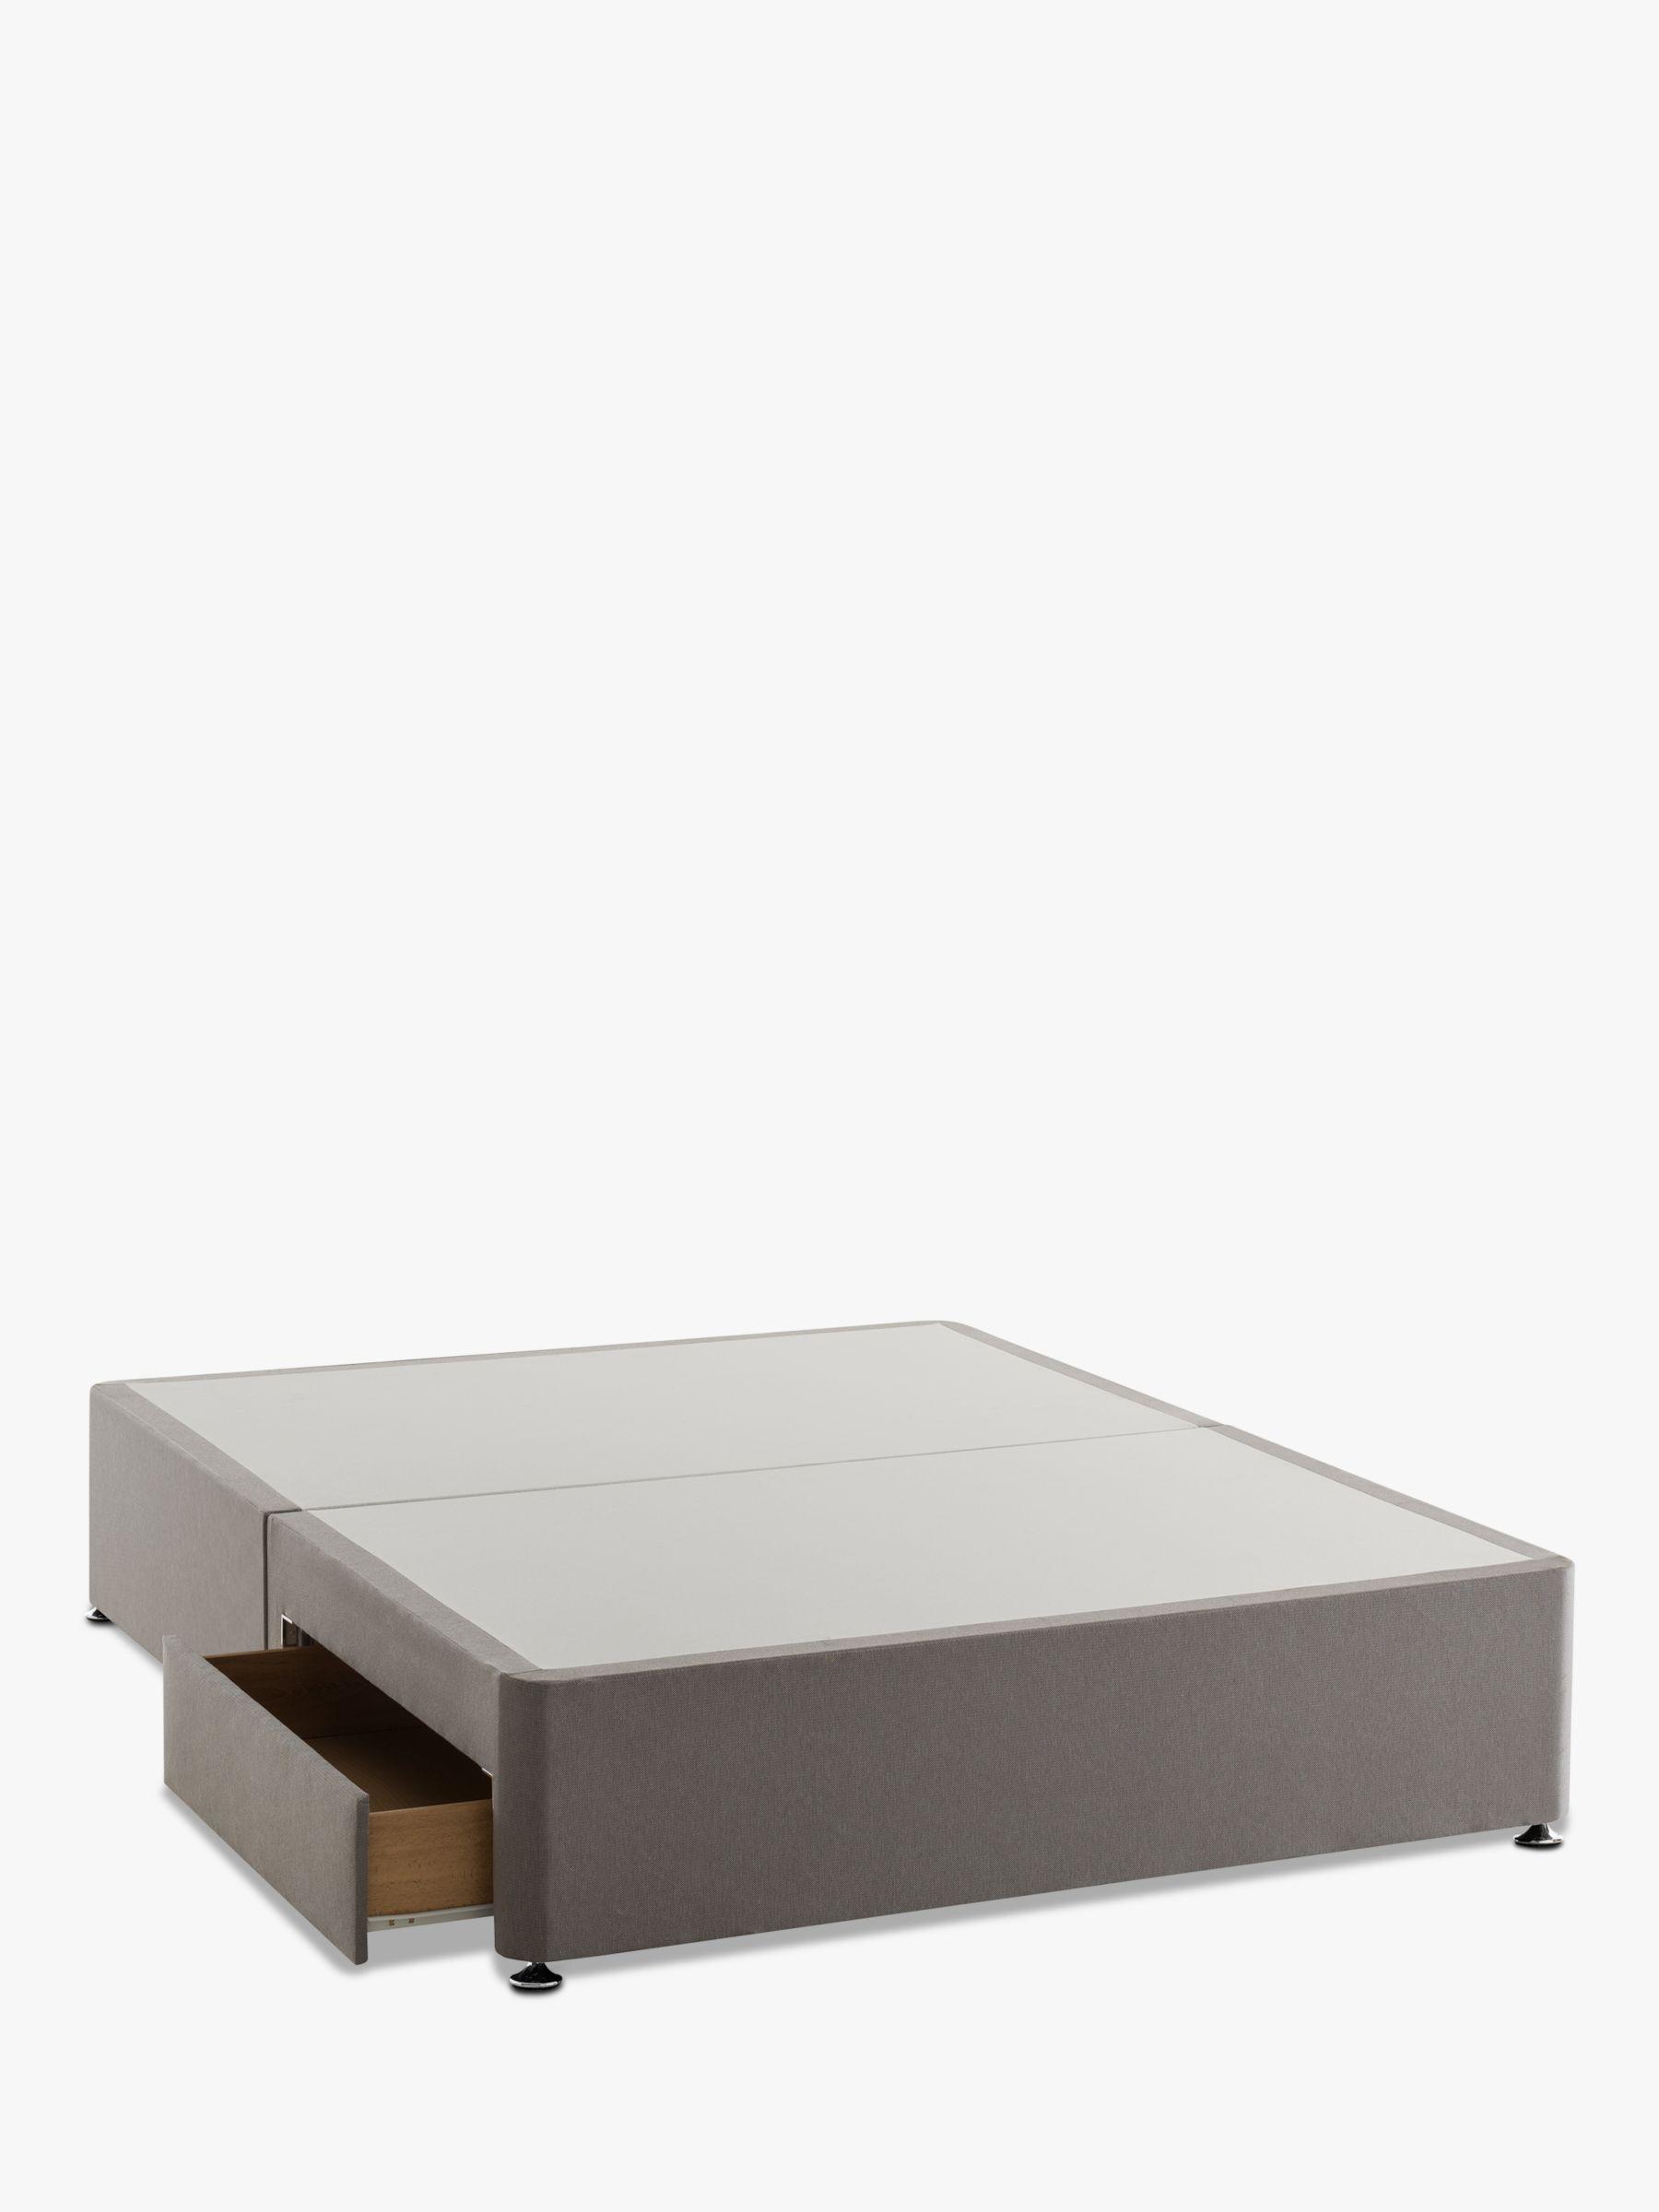 Silentnight Silentnight Non Sprung 2 Drawer Divan Storage Bed, King Size